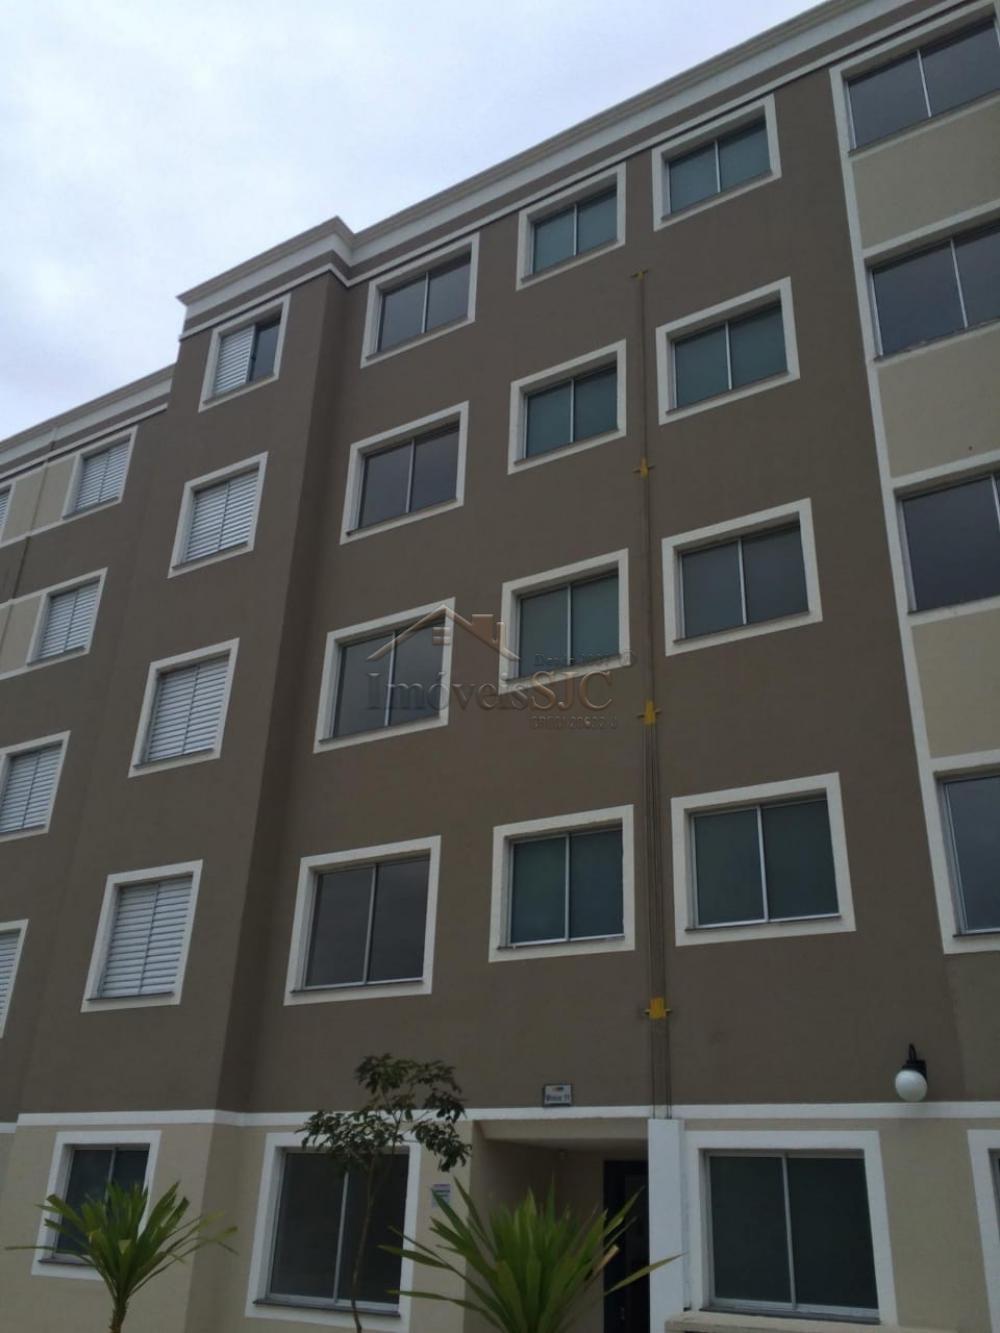 Comprar Apartamentos / Padrão em São José dos Campos apenas R$ 170.000,00 - Foto 13